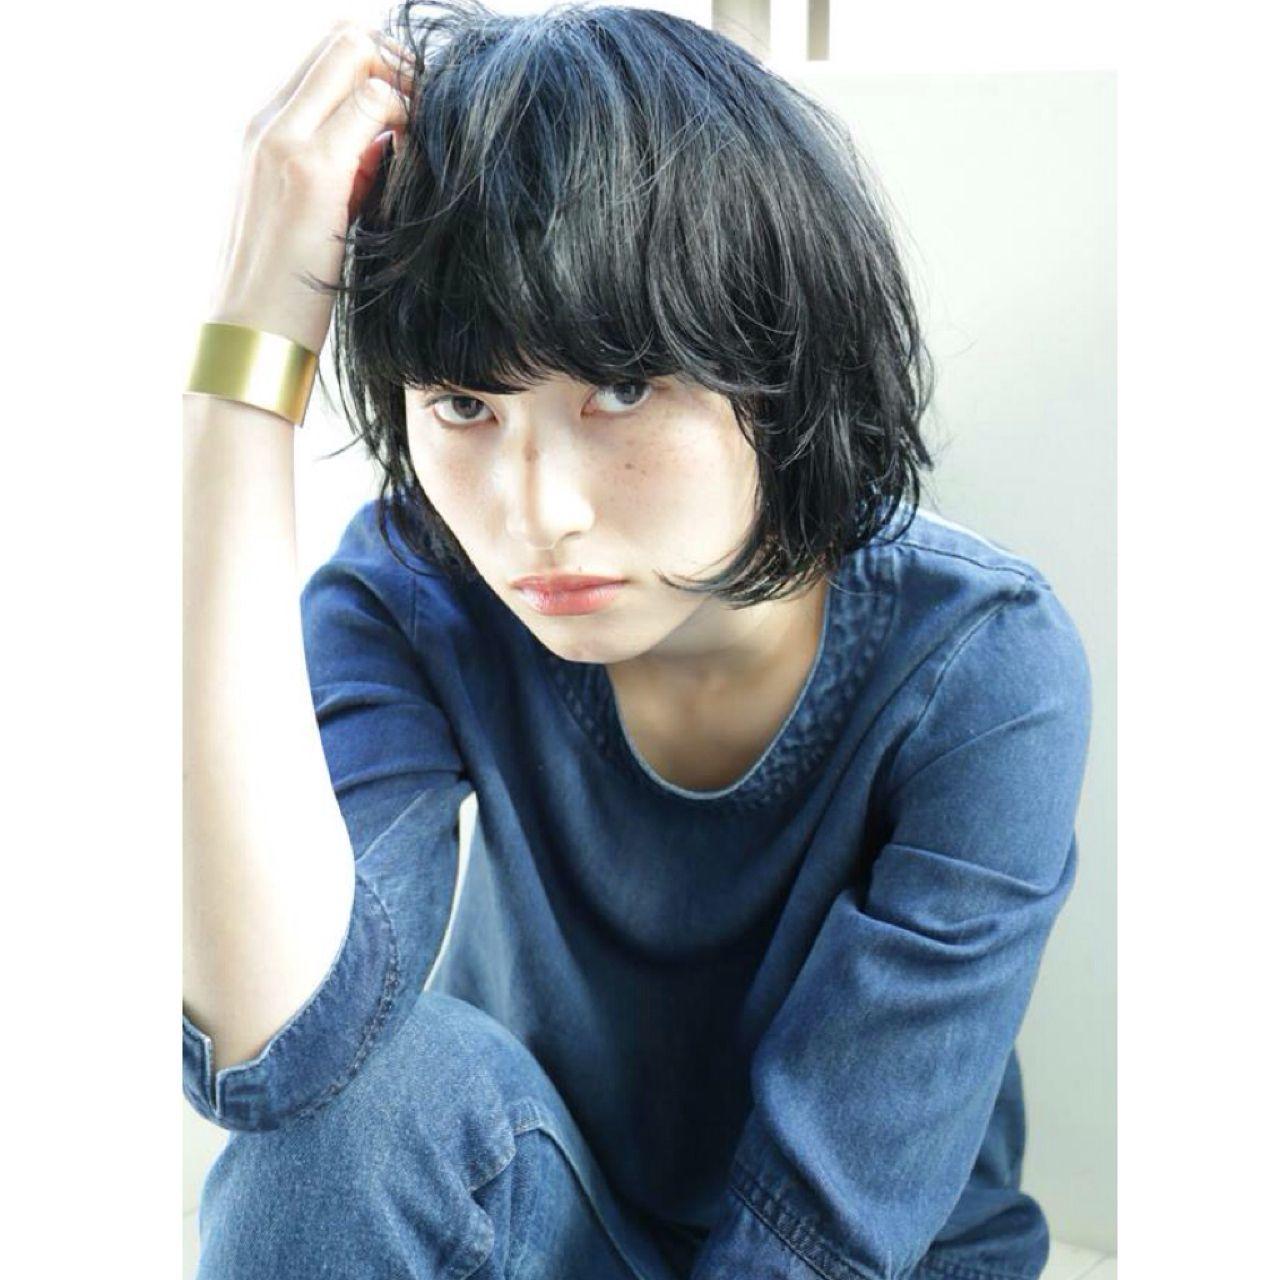 ウェット感を味方にすれば、ショートカットだって女性らしいヘアスタイルに大変身! 高橋 忍 / nanuk shibuya